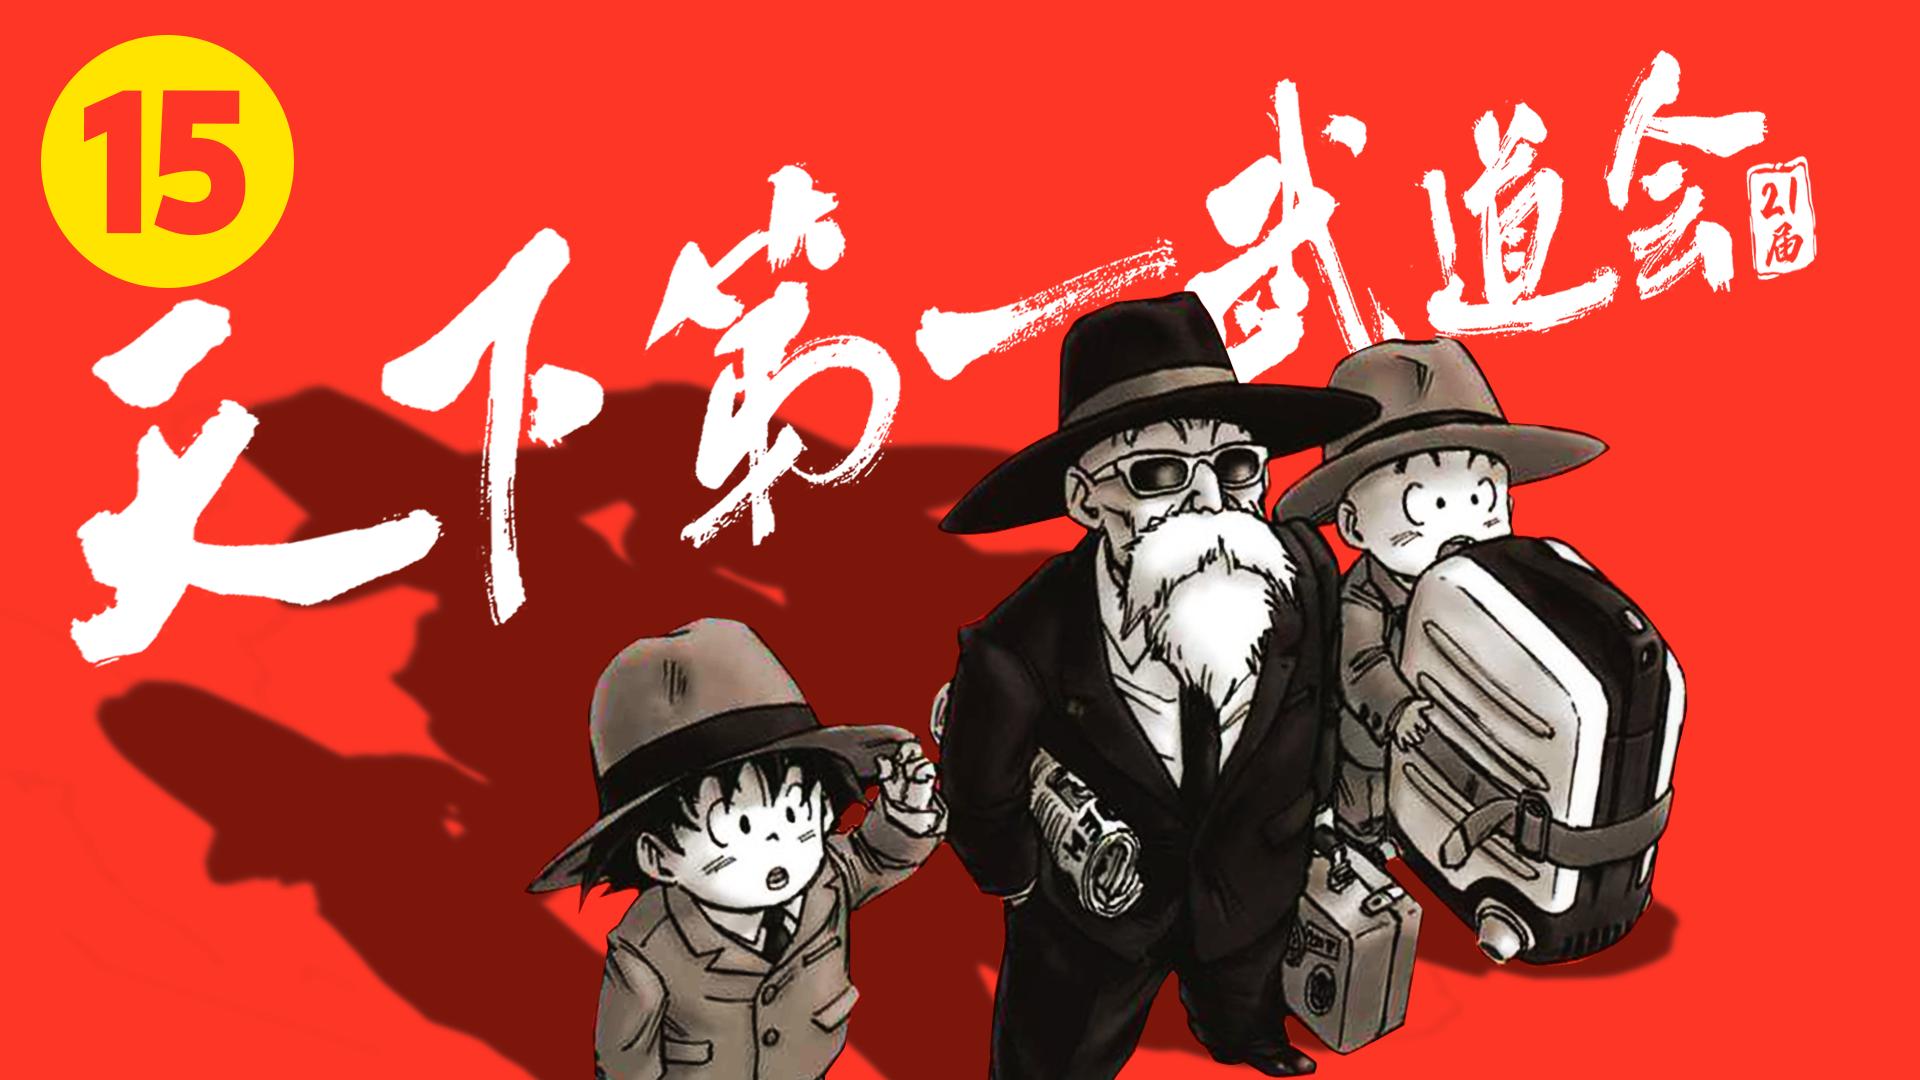 龟仙流内战!21届武道会最强回顾【泡个动漫15】